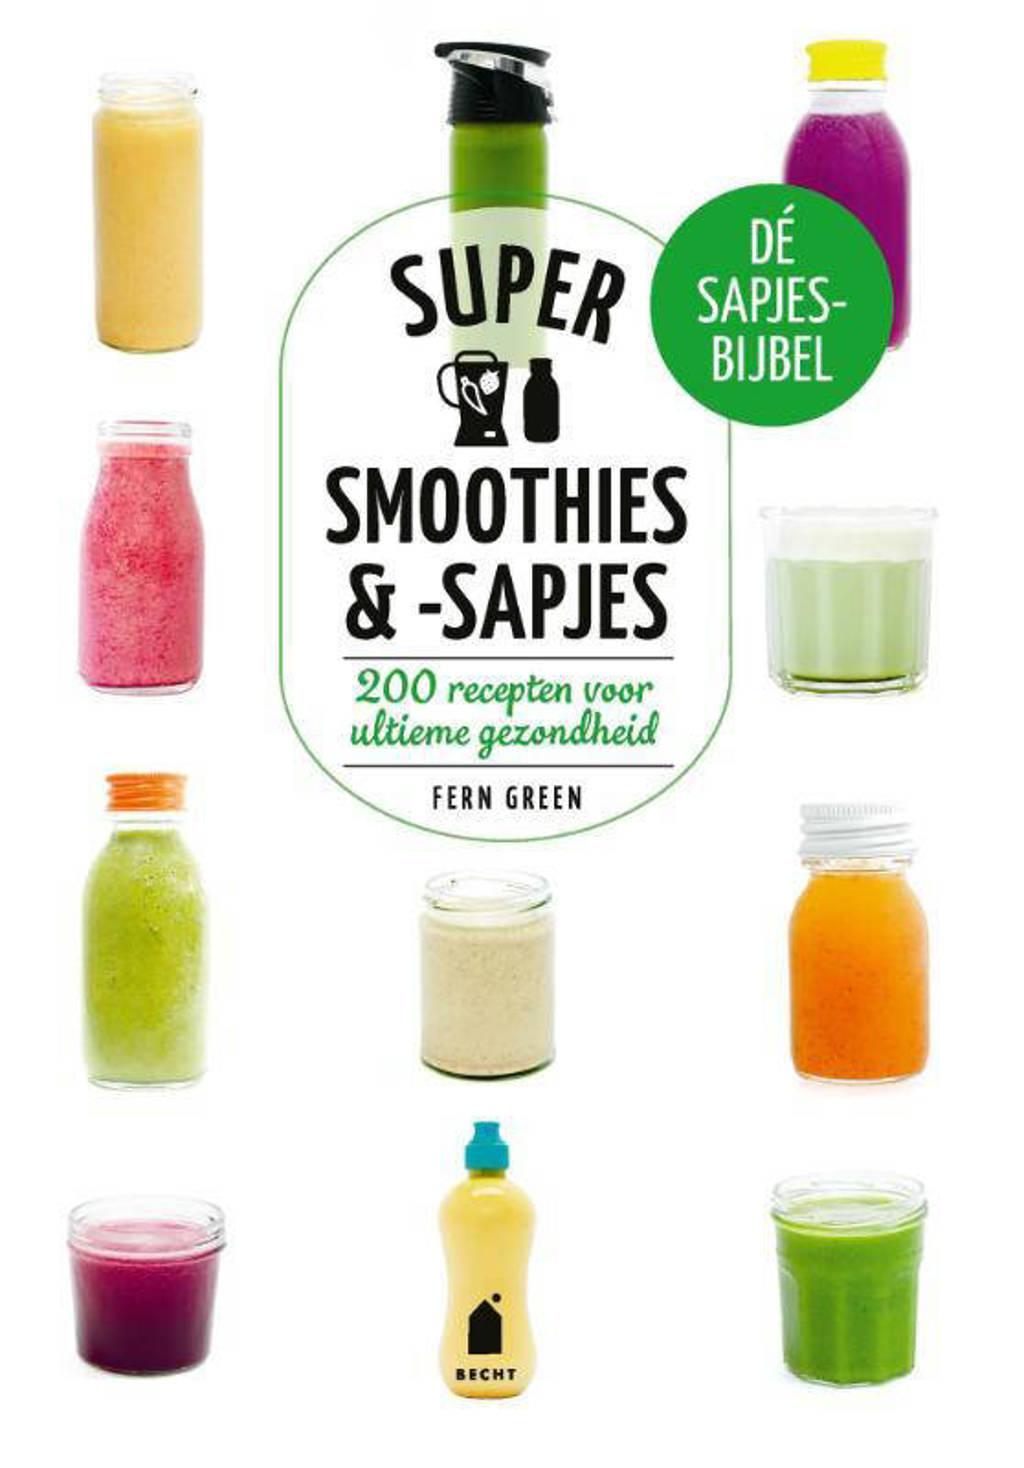 Supersmoothies & sapjes - Fern Green